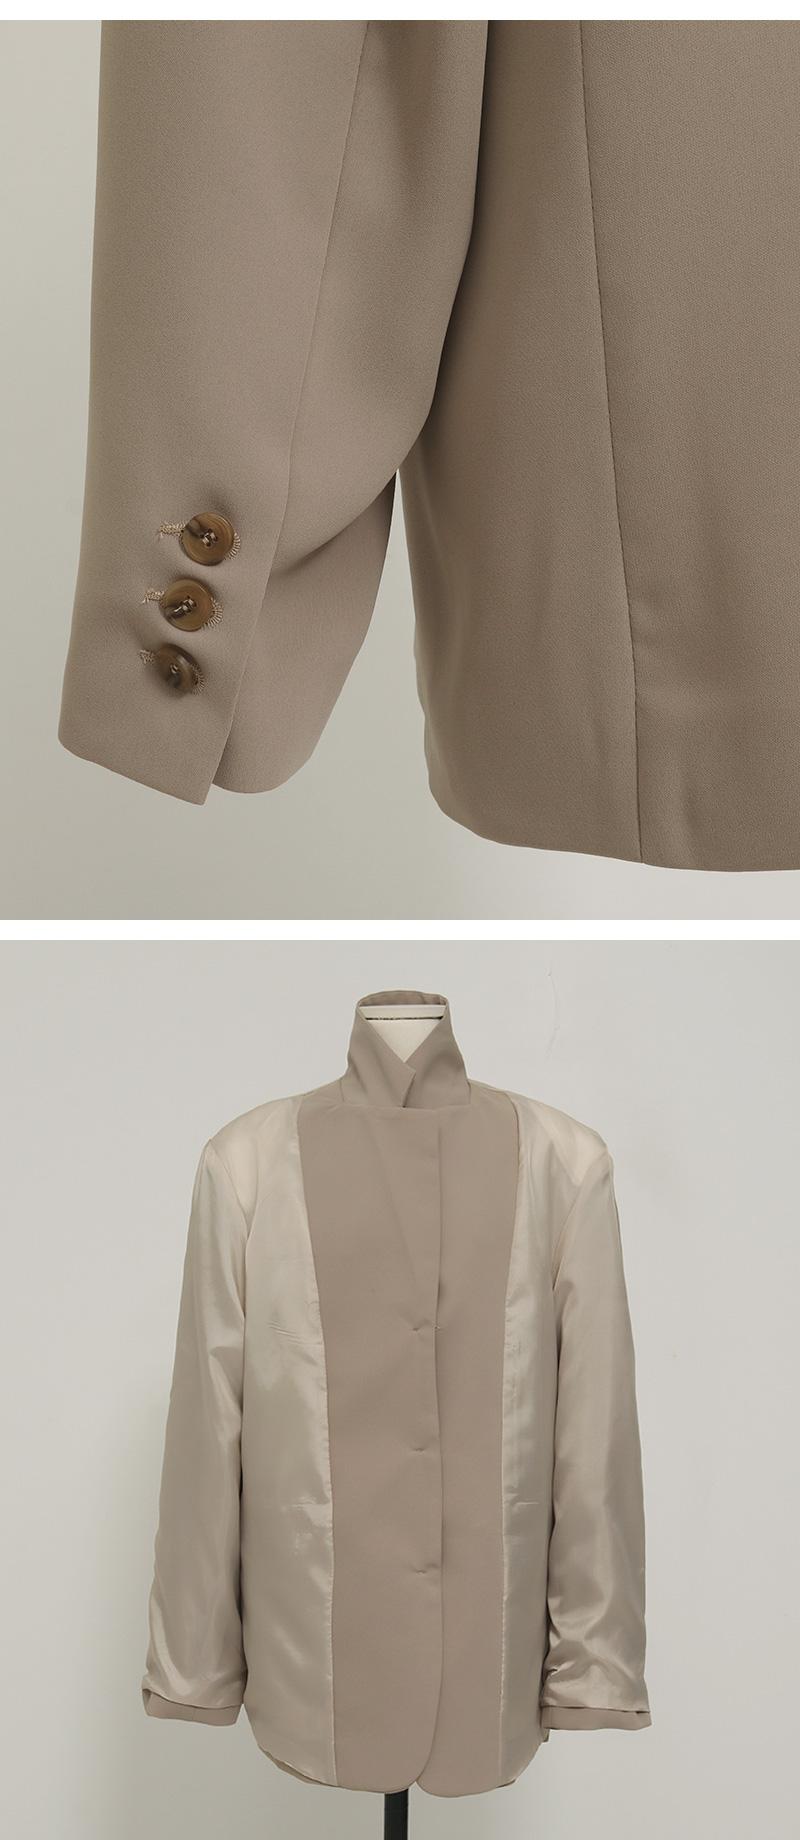 Oliver overfit belt jacket_C